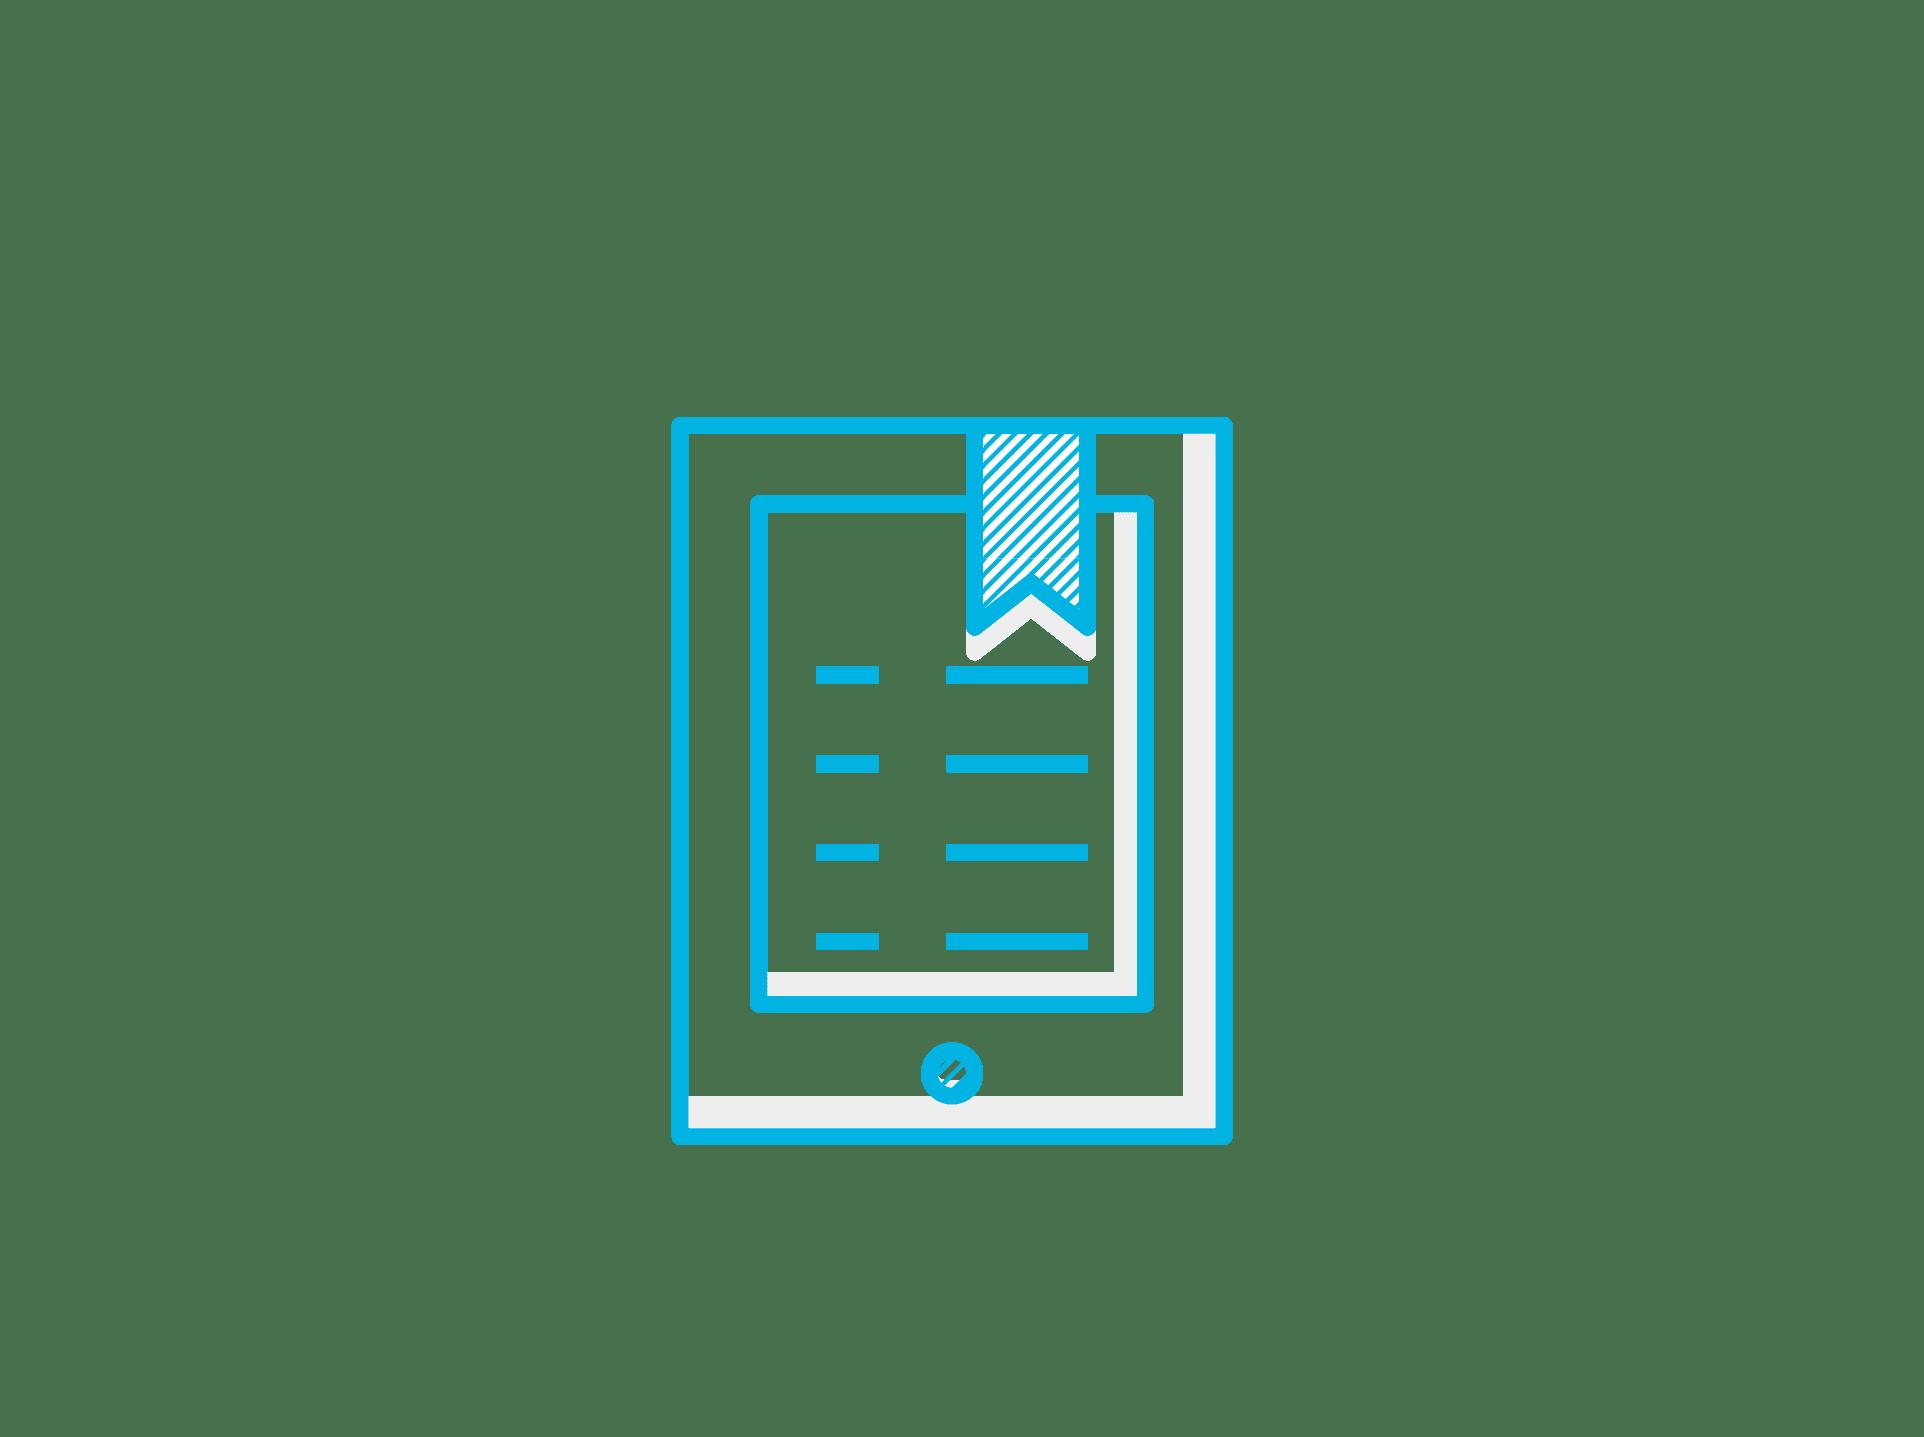 ebook white paper annual reports icon